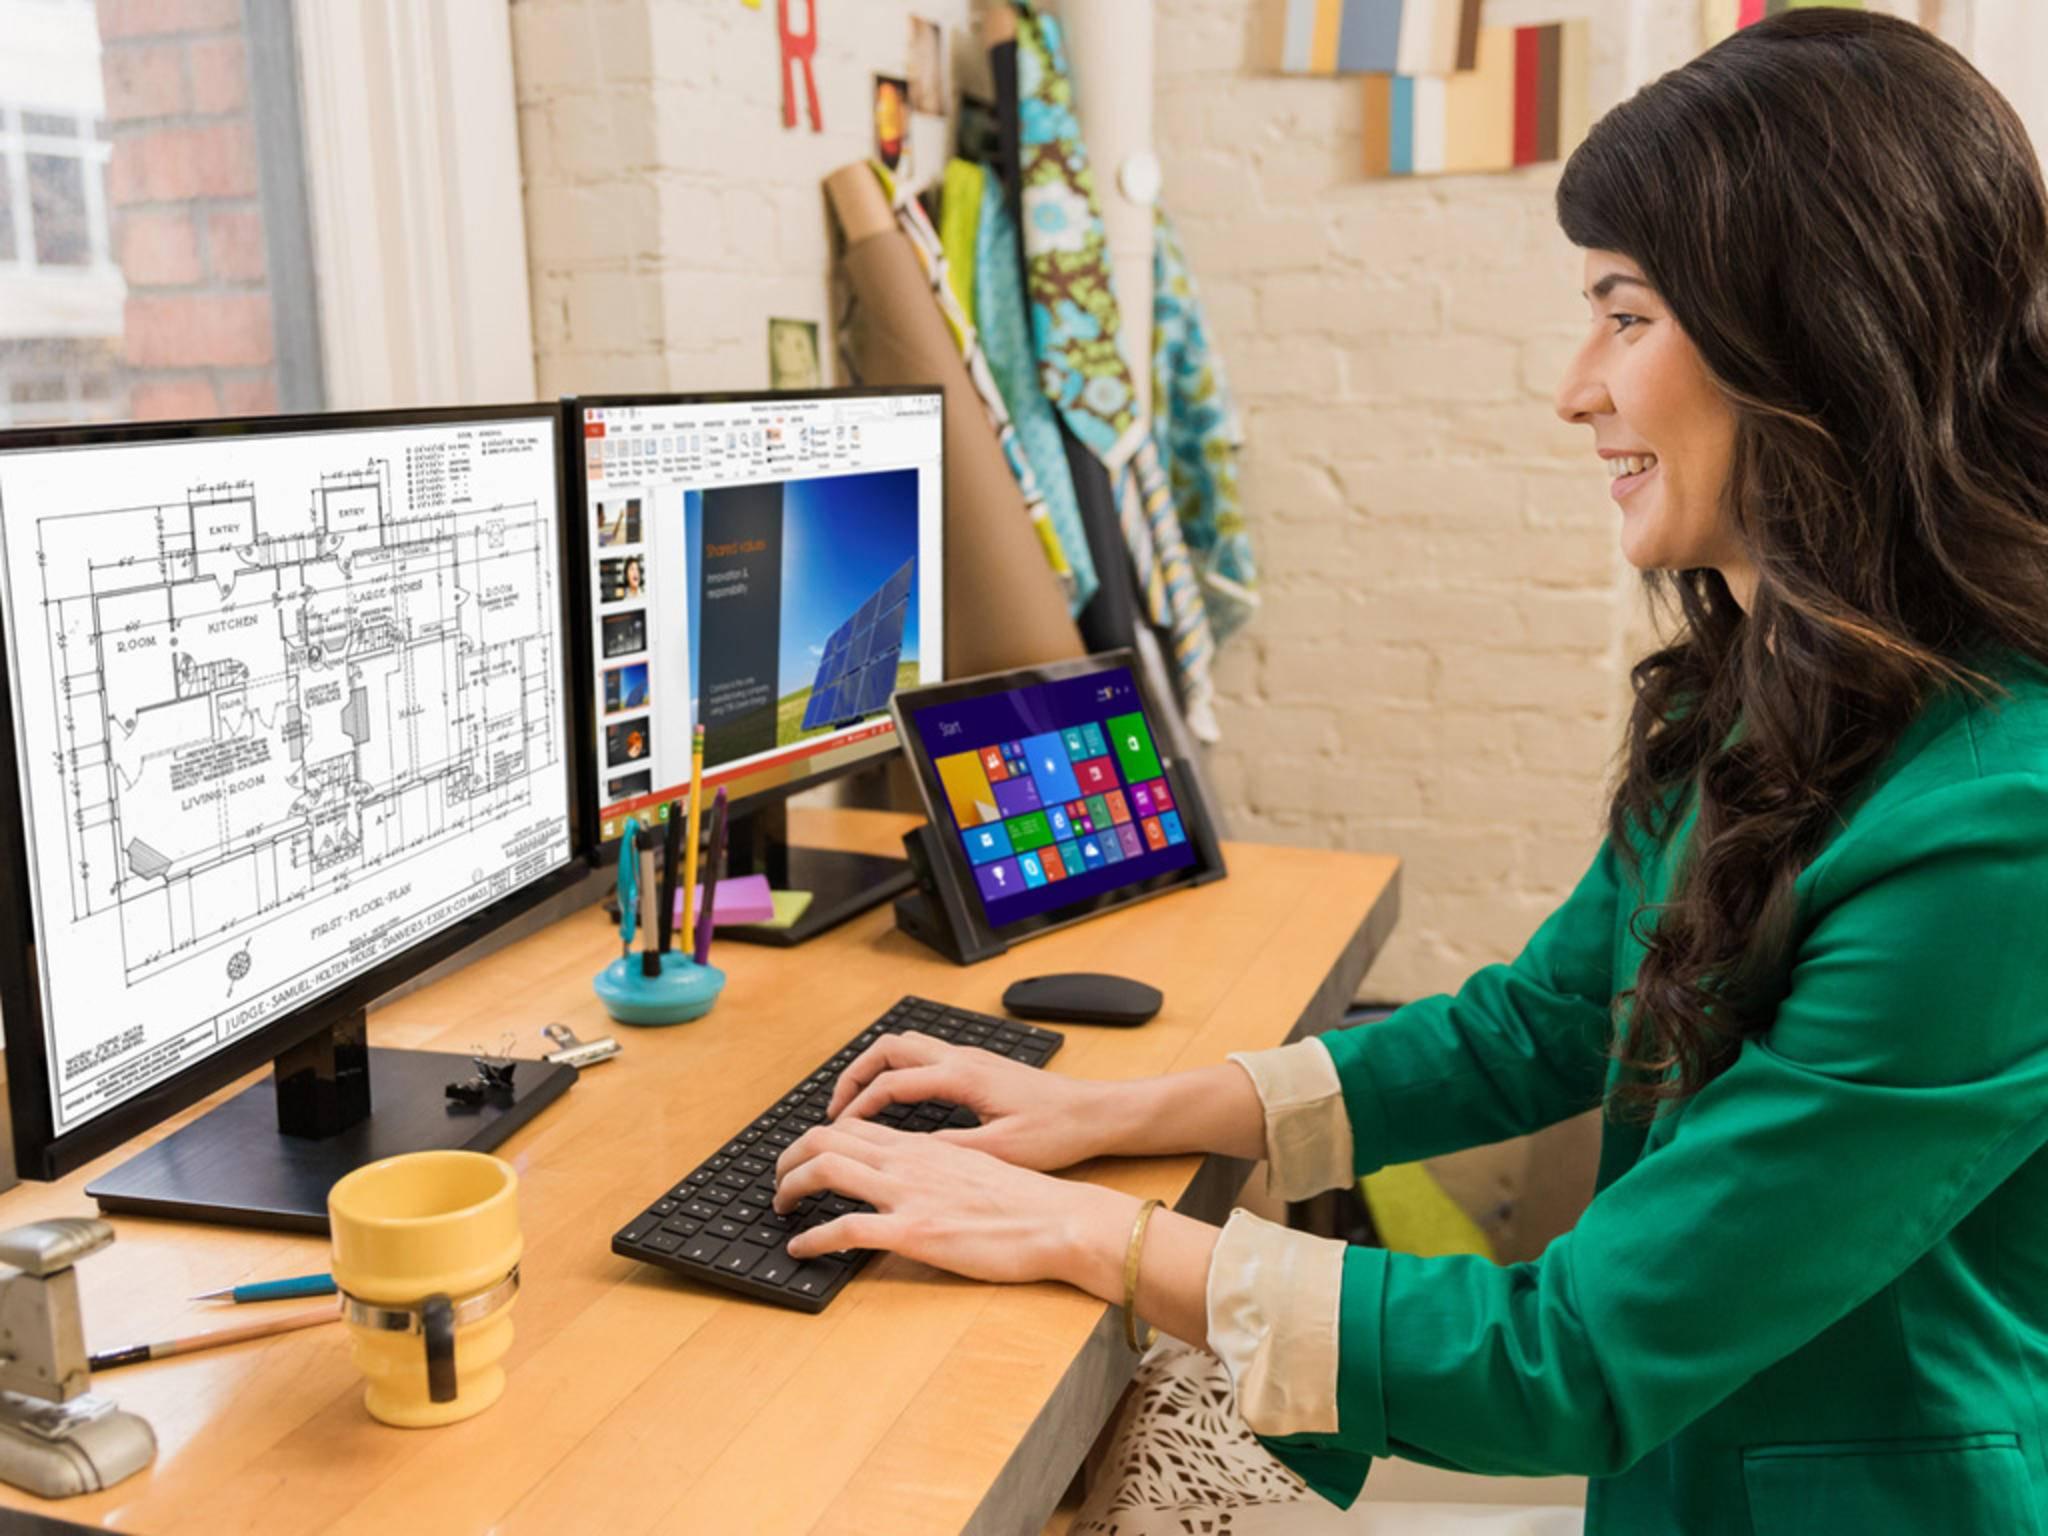 Nach dem Launch von Windows 10 veröffentlicht Microsoft passendes Zubehör.